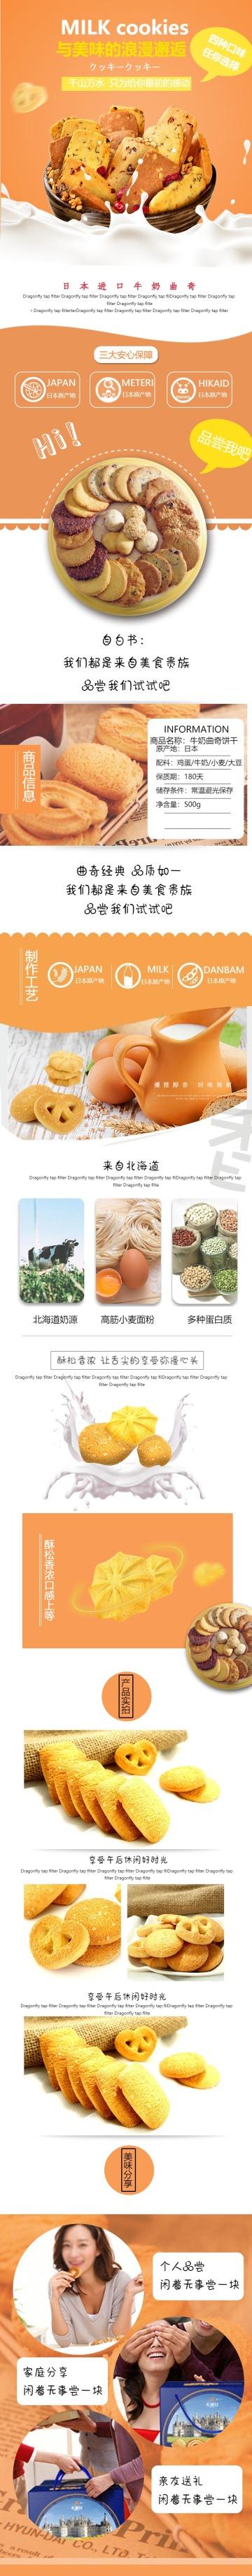 清新简约百货零售美食零食进口饼干促销电商详情页